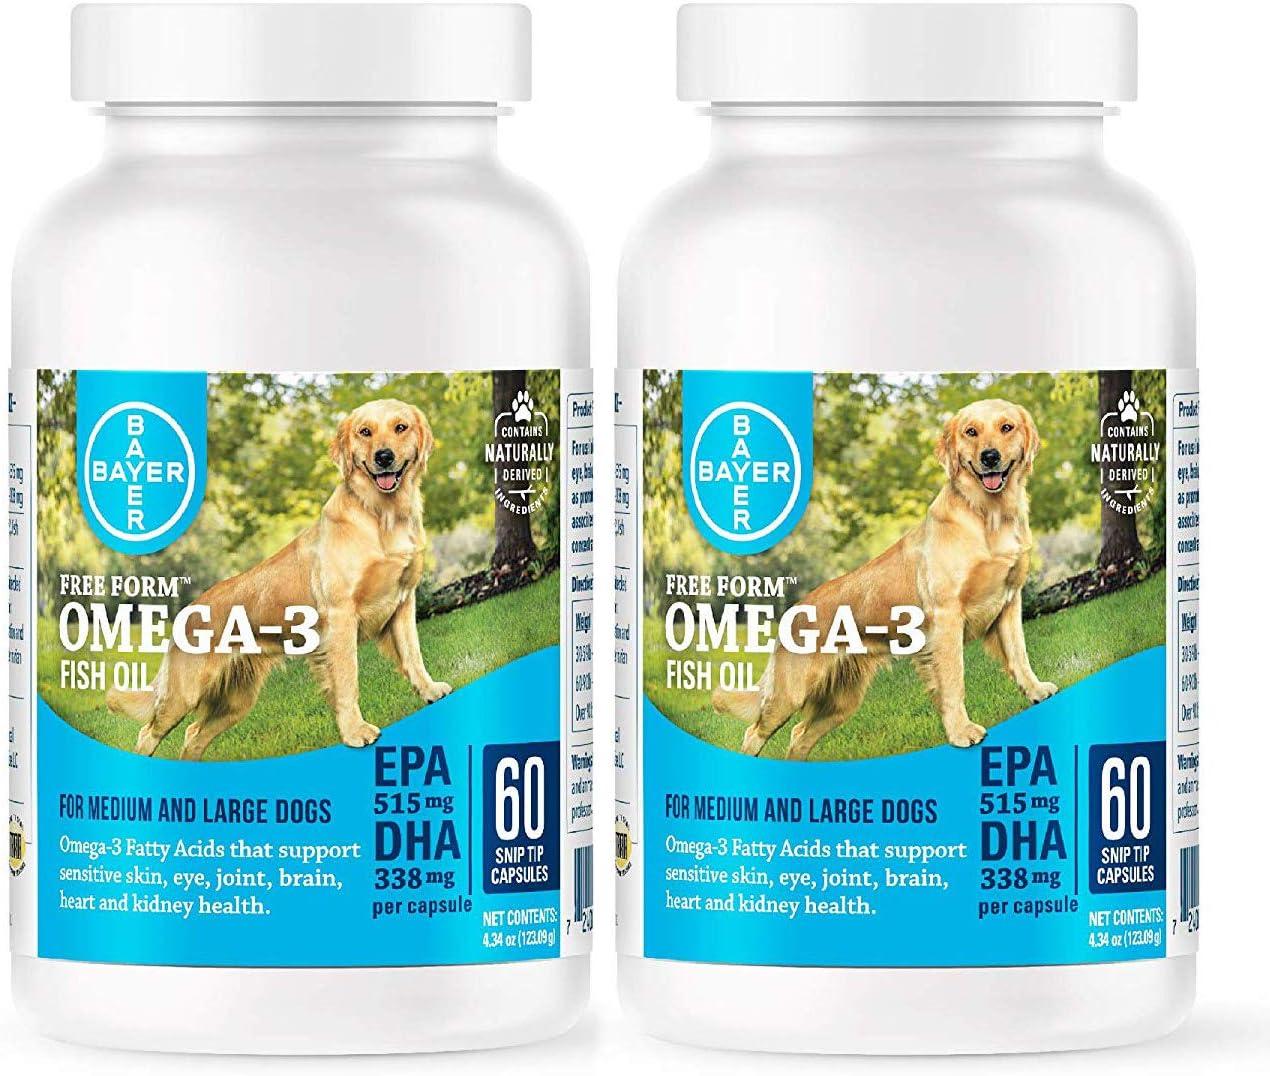 DVM Pharmaceuticals Free Form Snip Tips Omega-3 s for Med lg Dogs 2 Pk 60cap